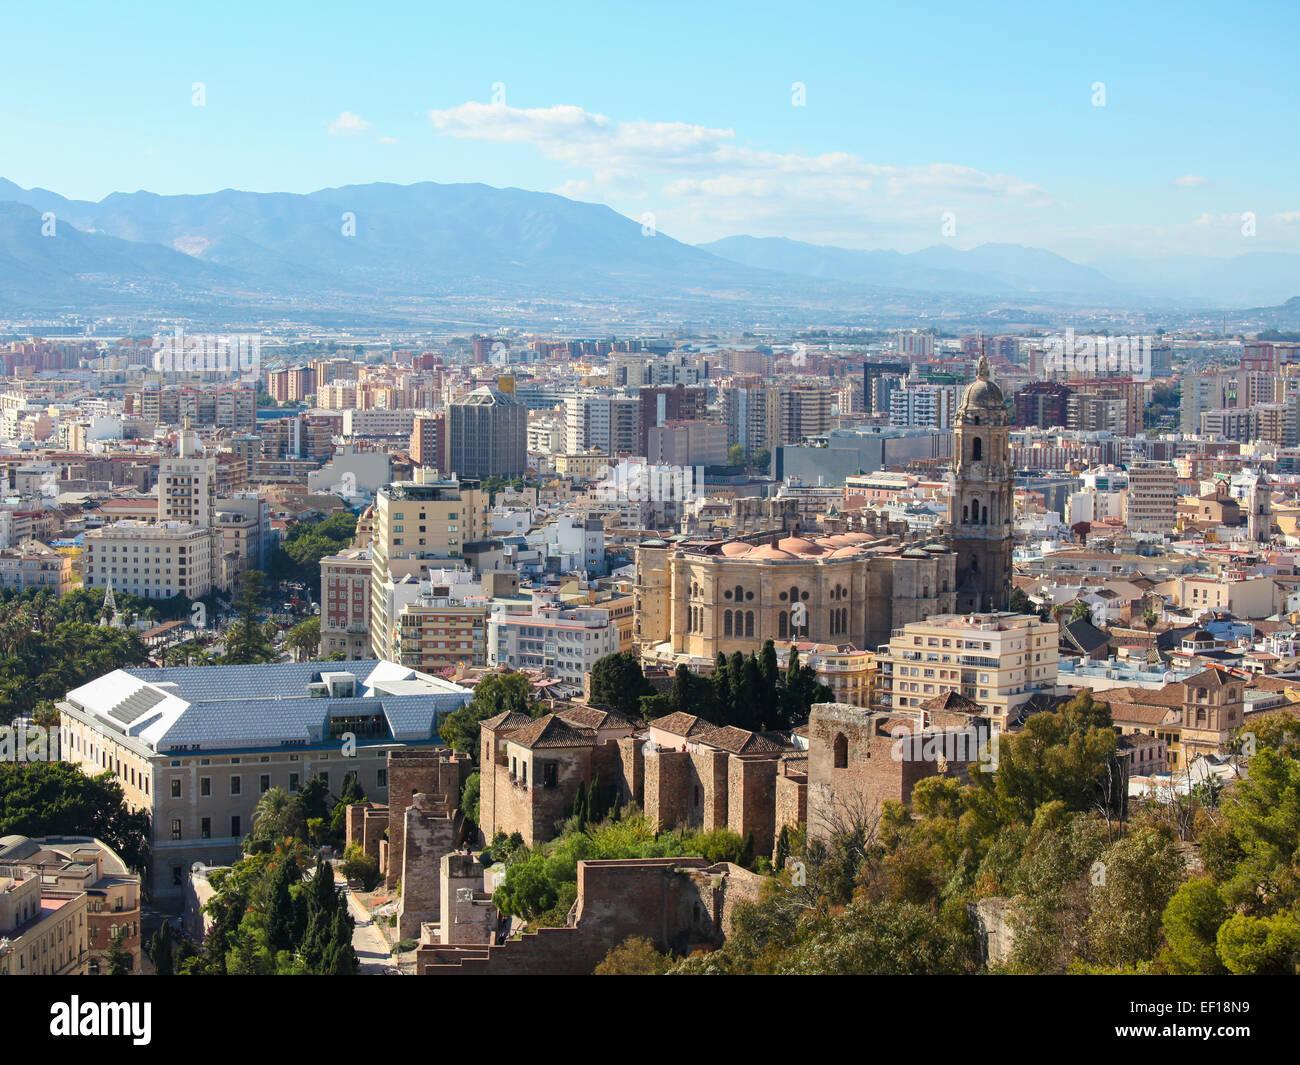 Vista aérea del centro y de la catedral de Málaga, Andalucía, España. Imagen De Stock